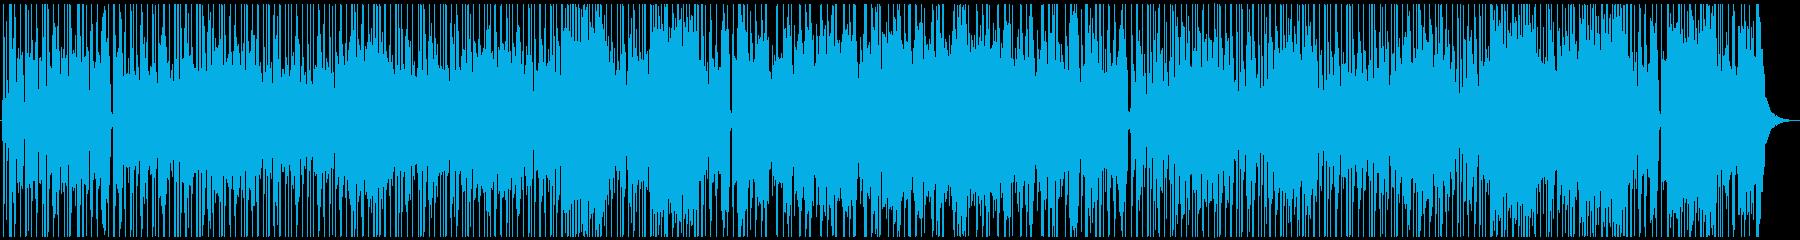 ノリの良いブラスファンクの再生済みの波形